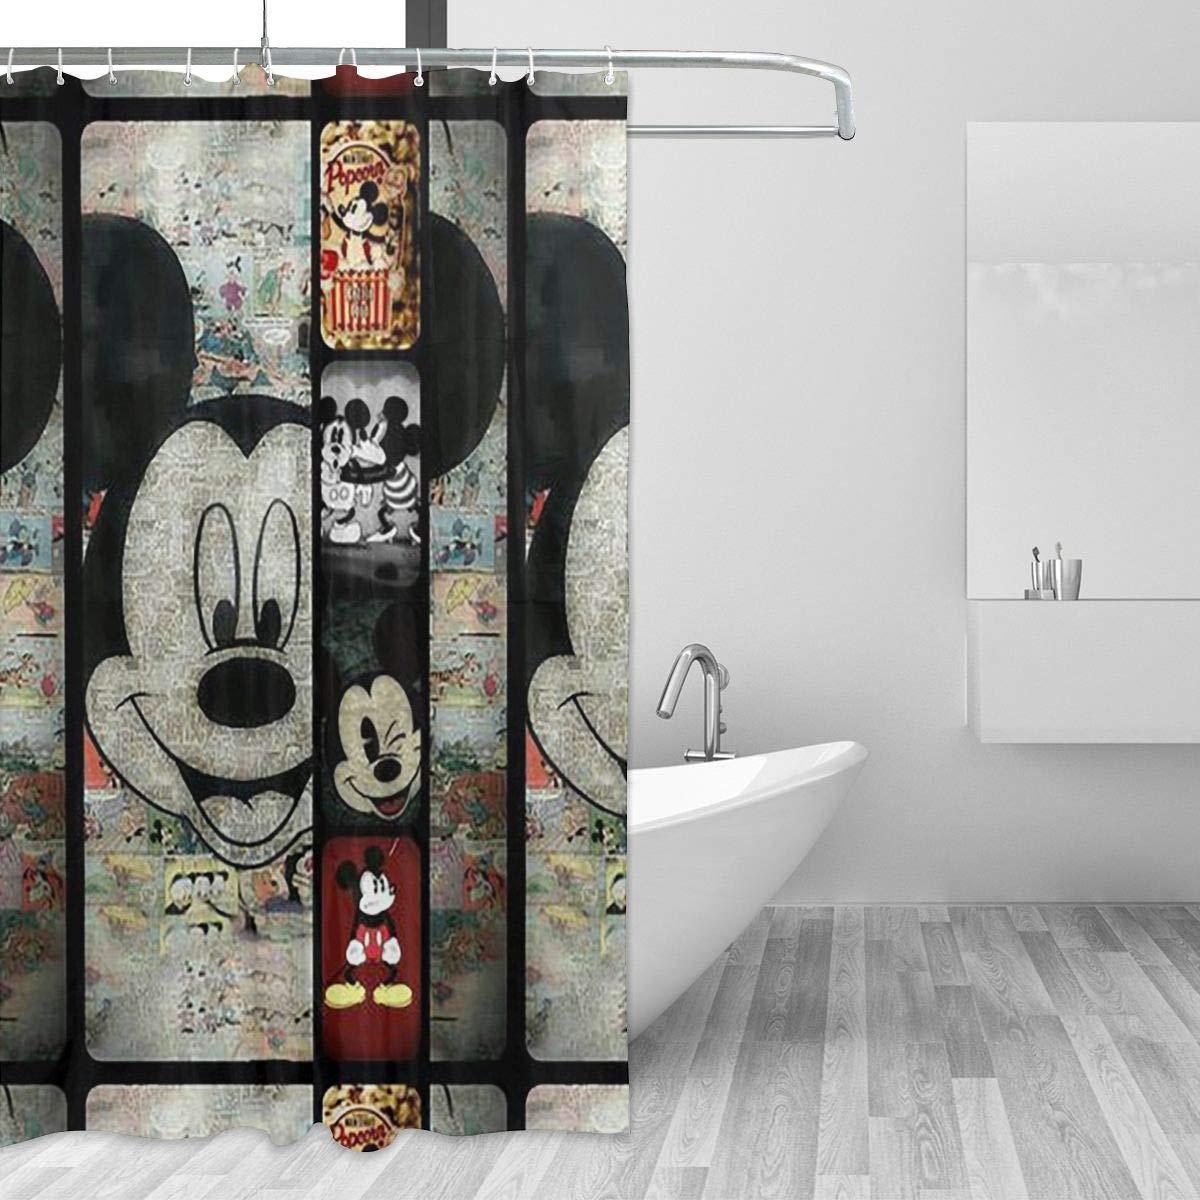 Занавеска для душа с принтом мыши, декор для ванной из полиэстера